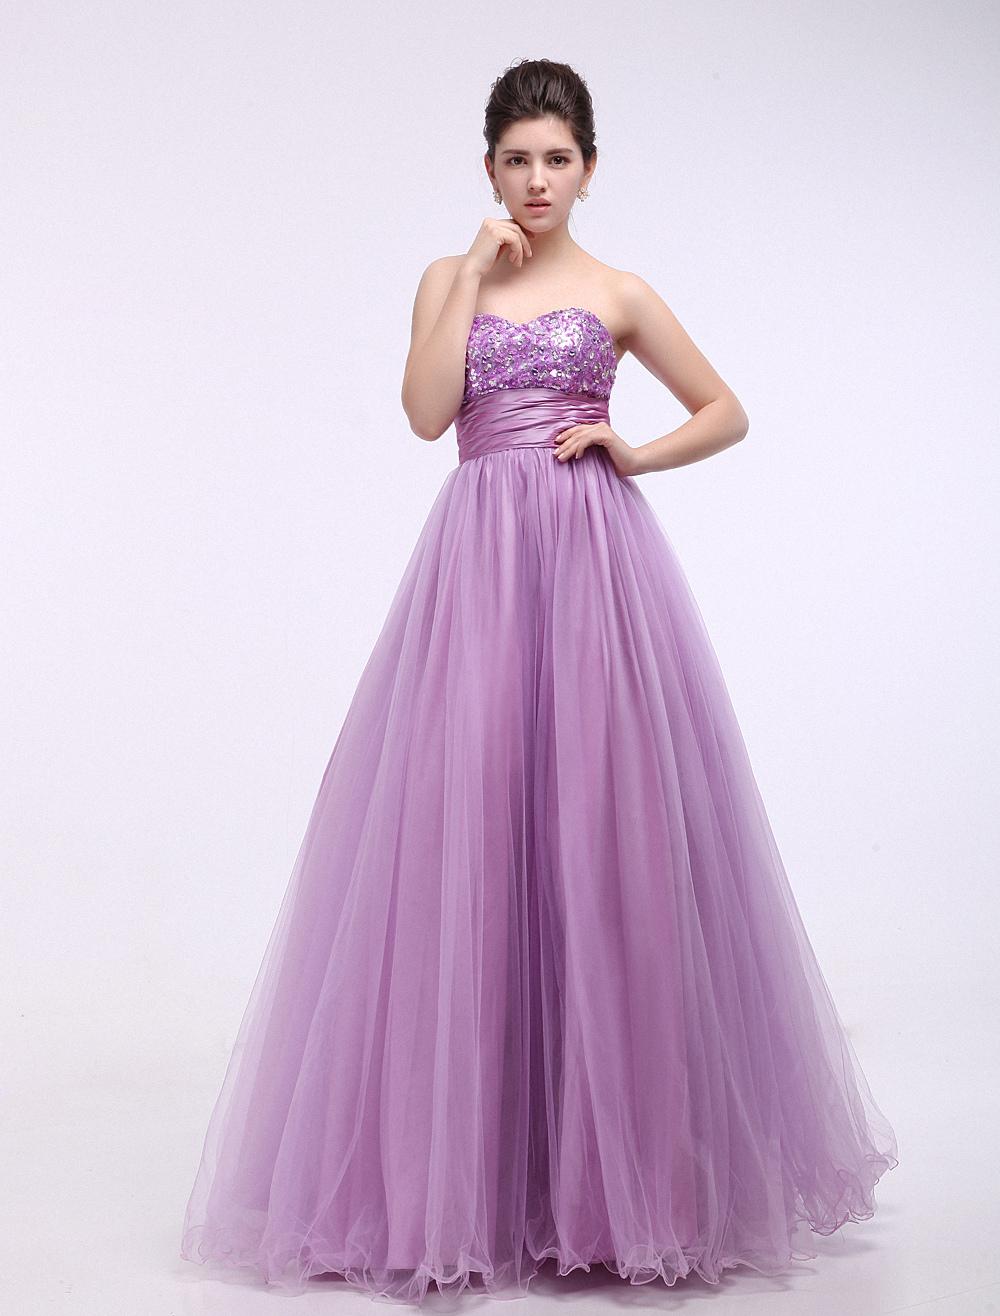 7d9faaaa01 Vestidos de fiesta de Prom de color lila con escote de corazón de ...